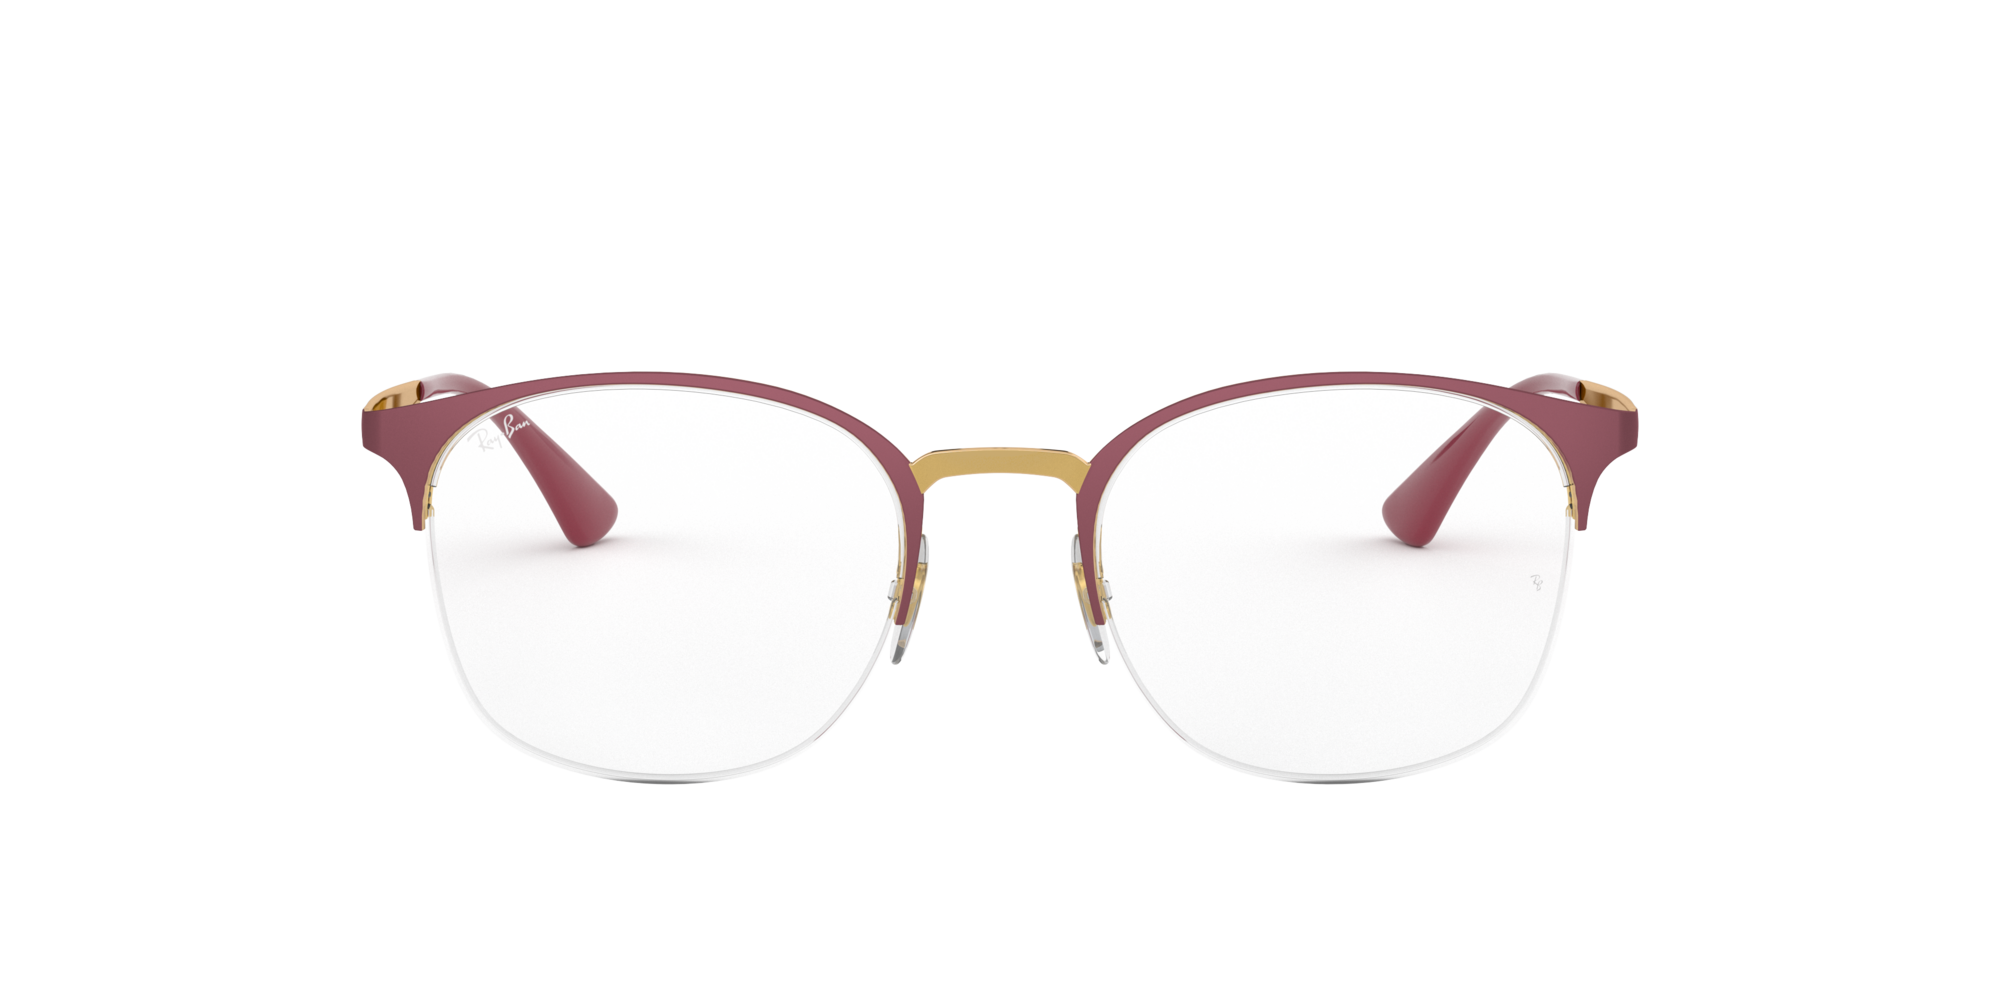 Imagen para RX6422 de LensCrafters |  Espejuelos, espejuelos graduados en línea, gafas